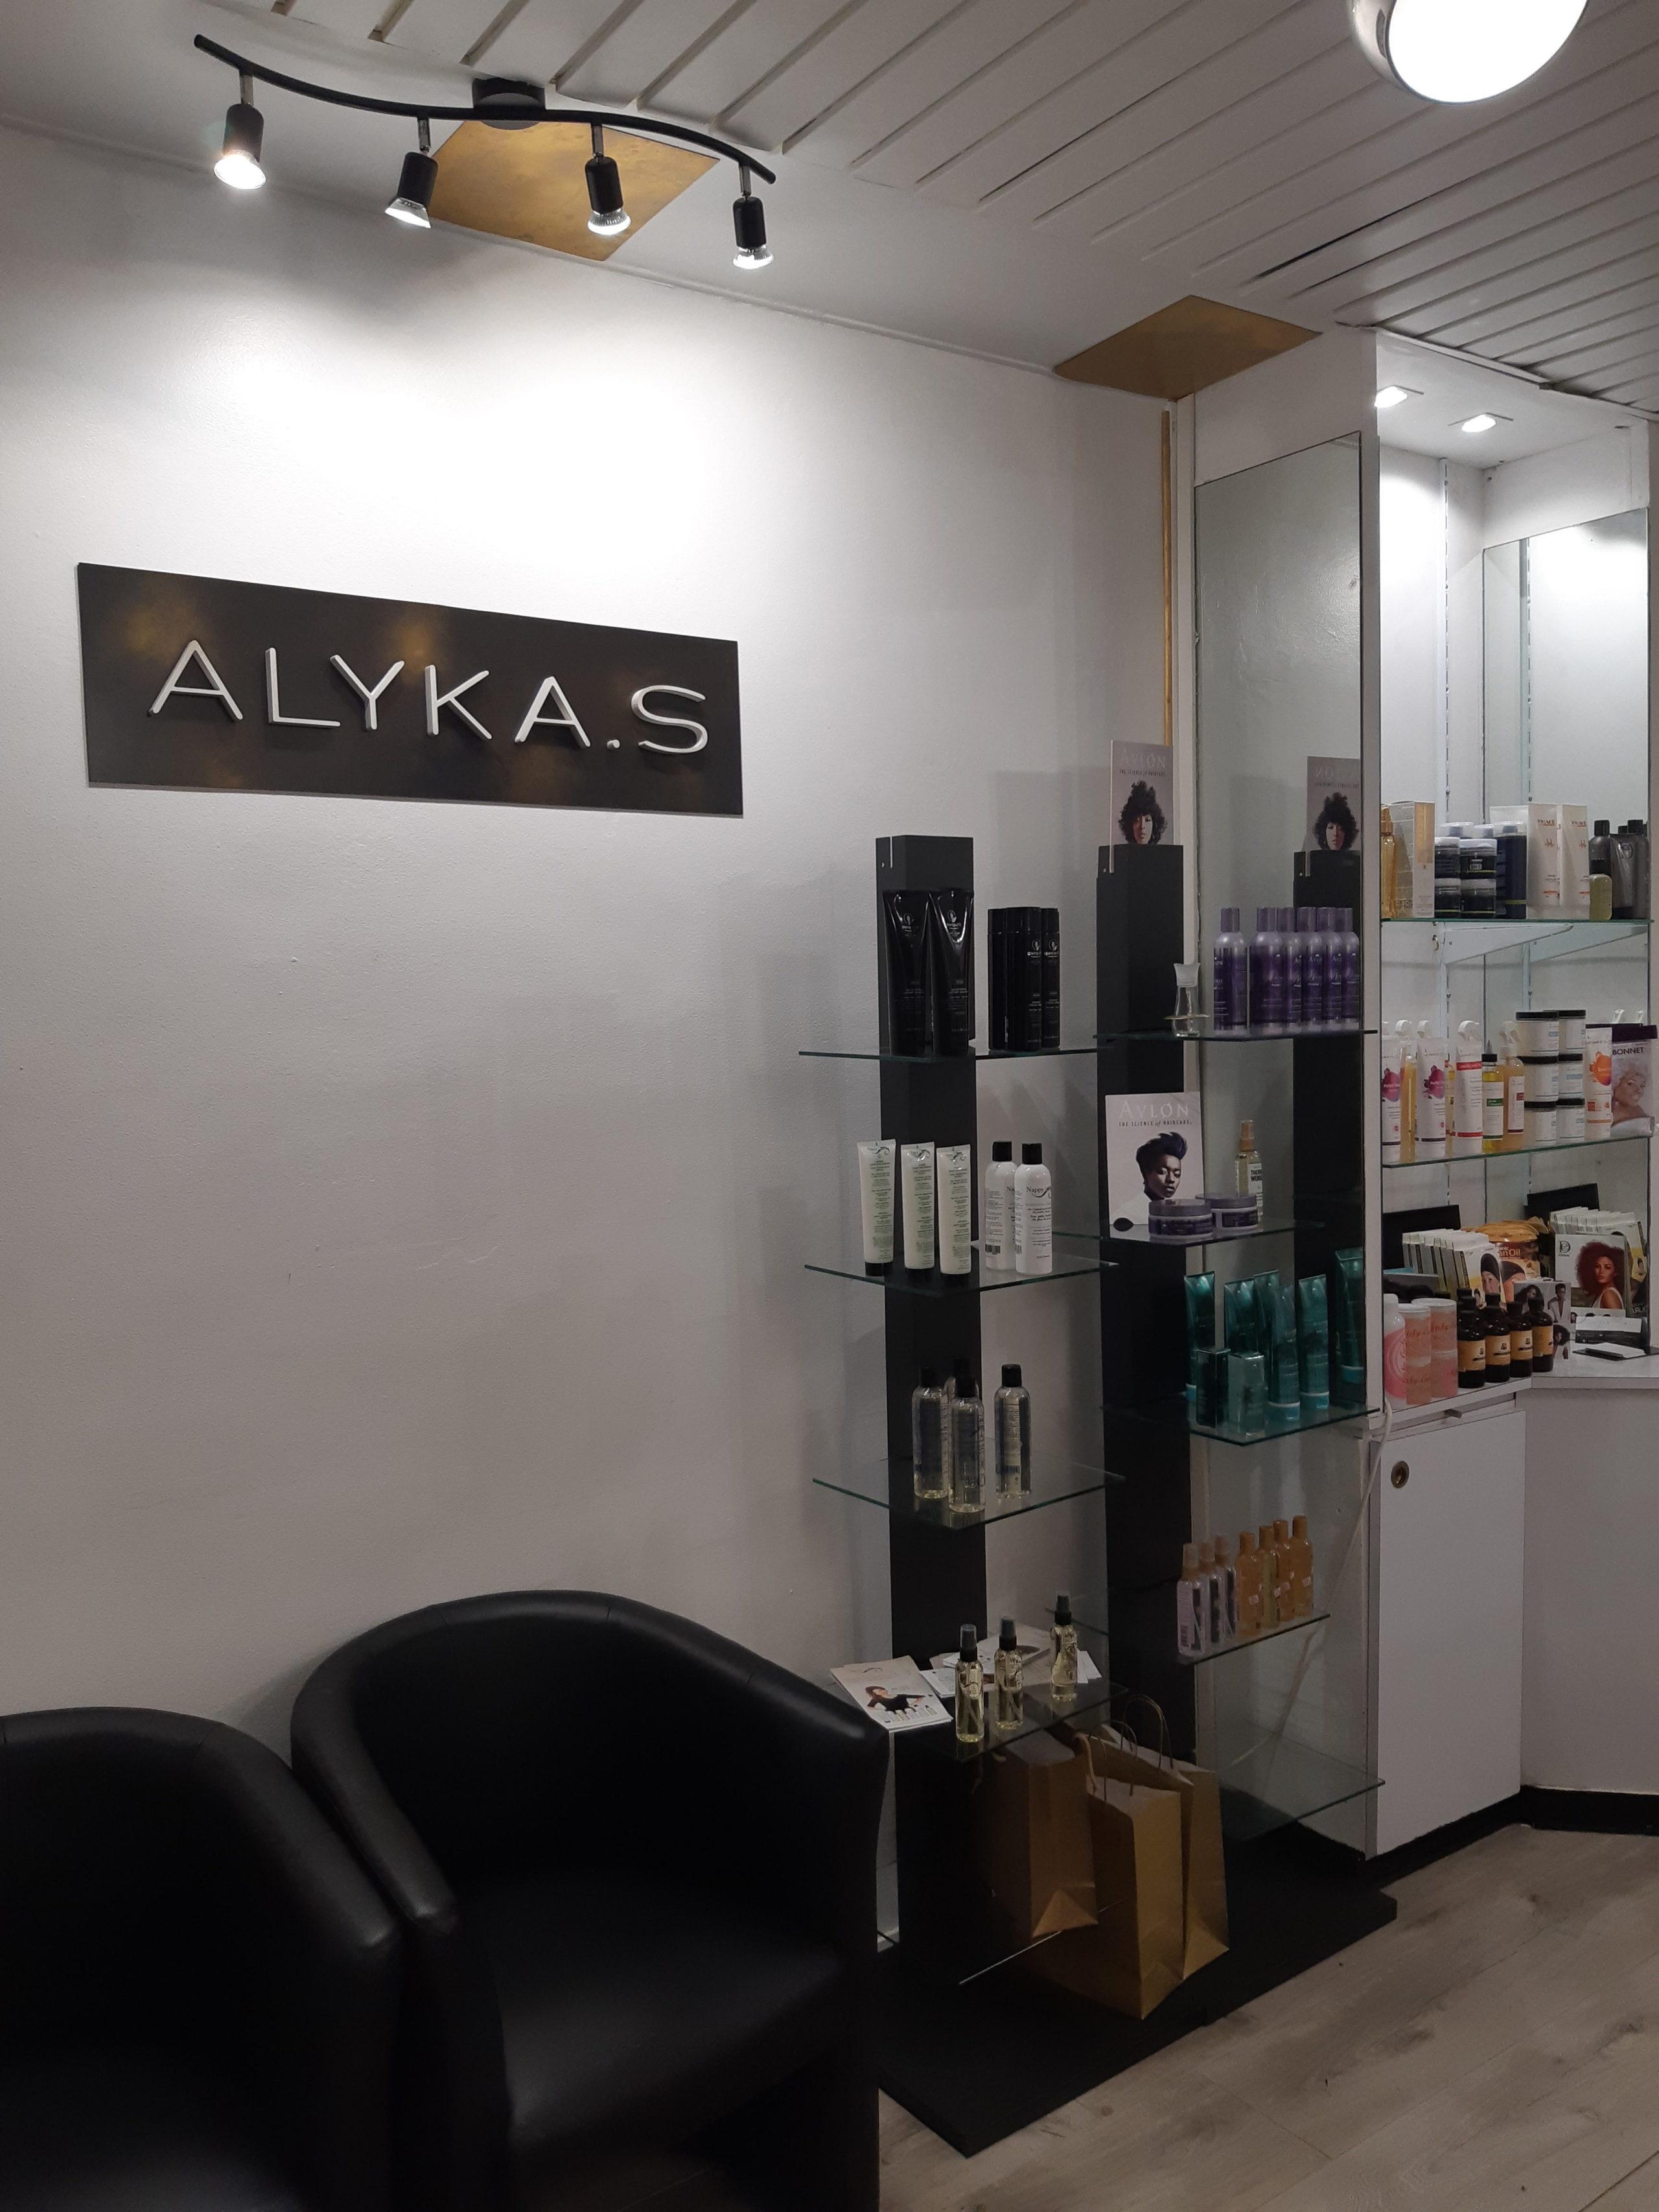 Gamme Nappy Queen Professionnelle au salon ALYKA S  : sublimer la beauté du cheveu bouclé à crépu